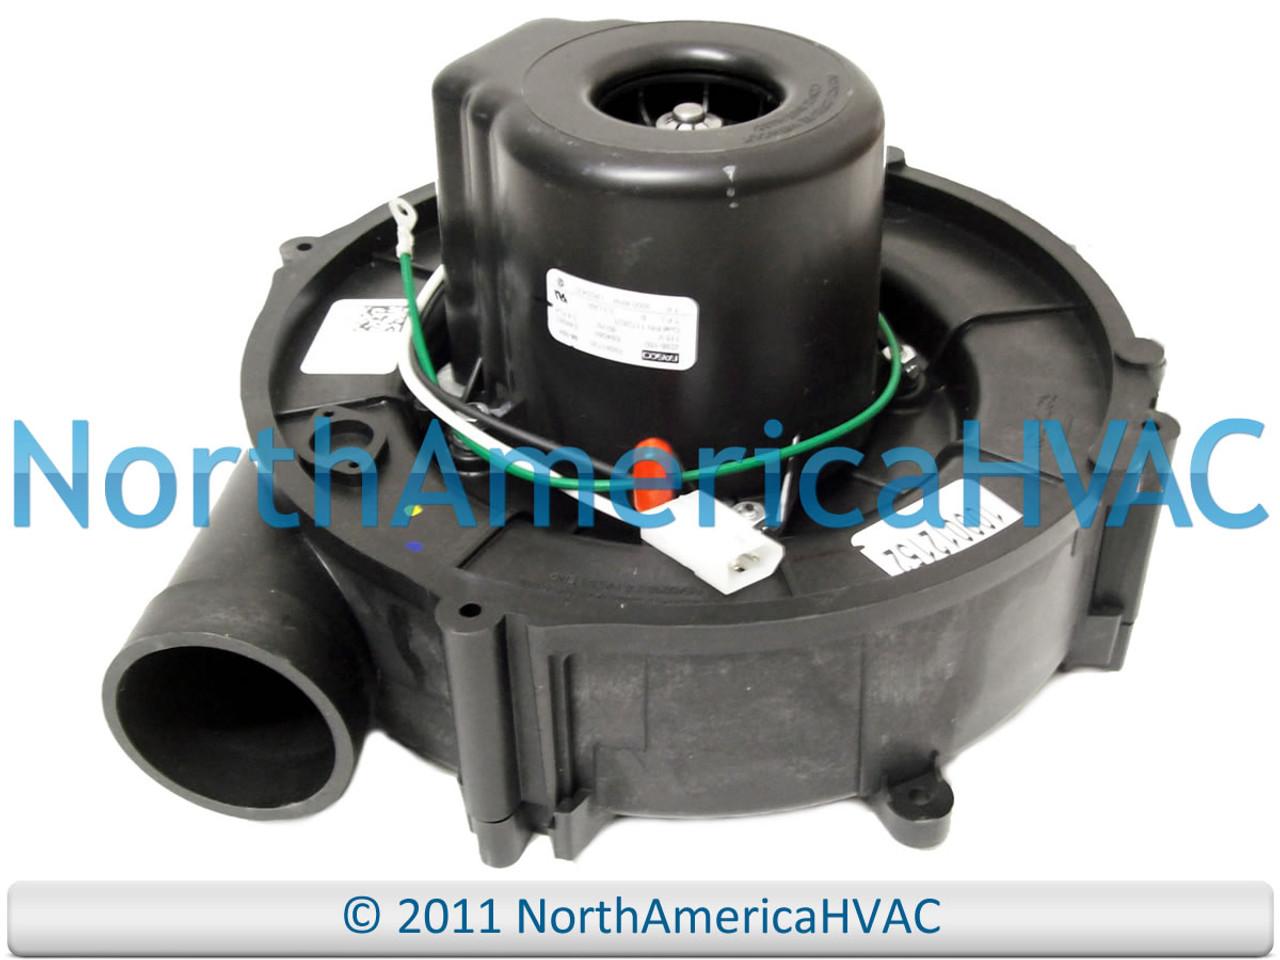 OEM ICP Heil TStar FASCO Exhaust Inducer Motor 7021-11215